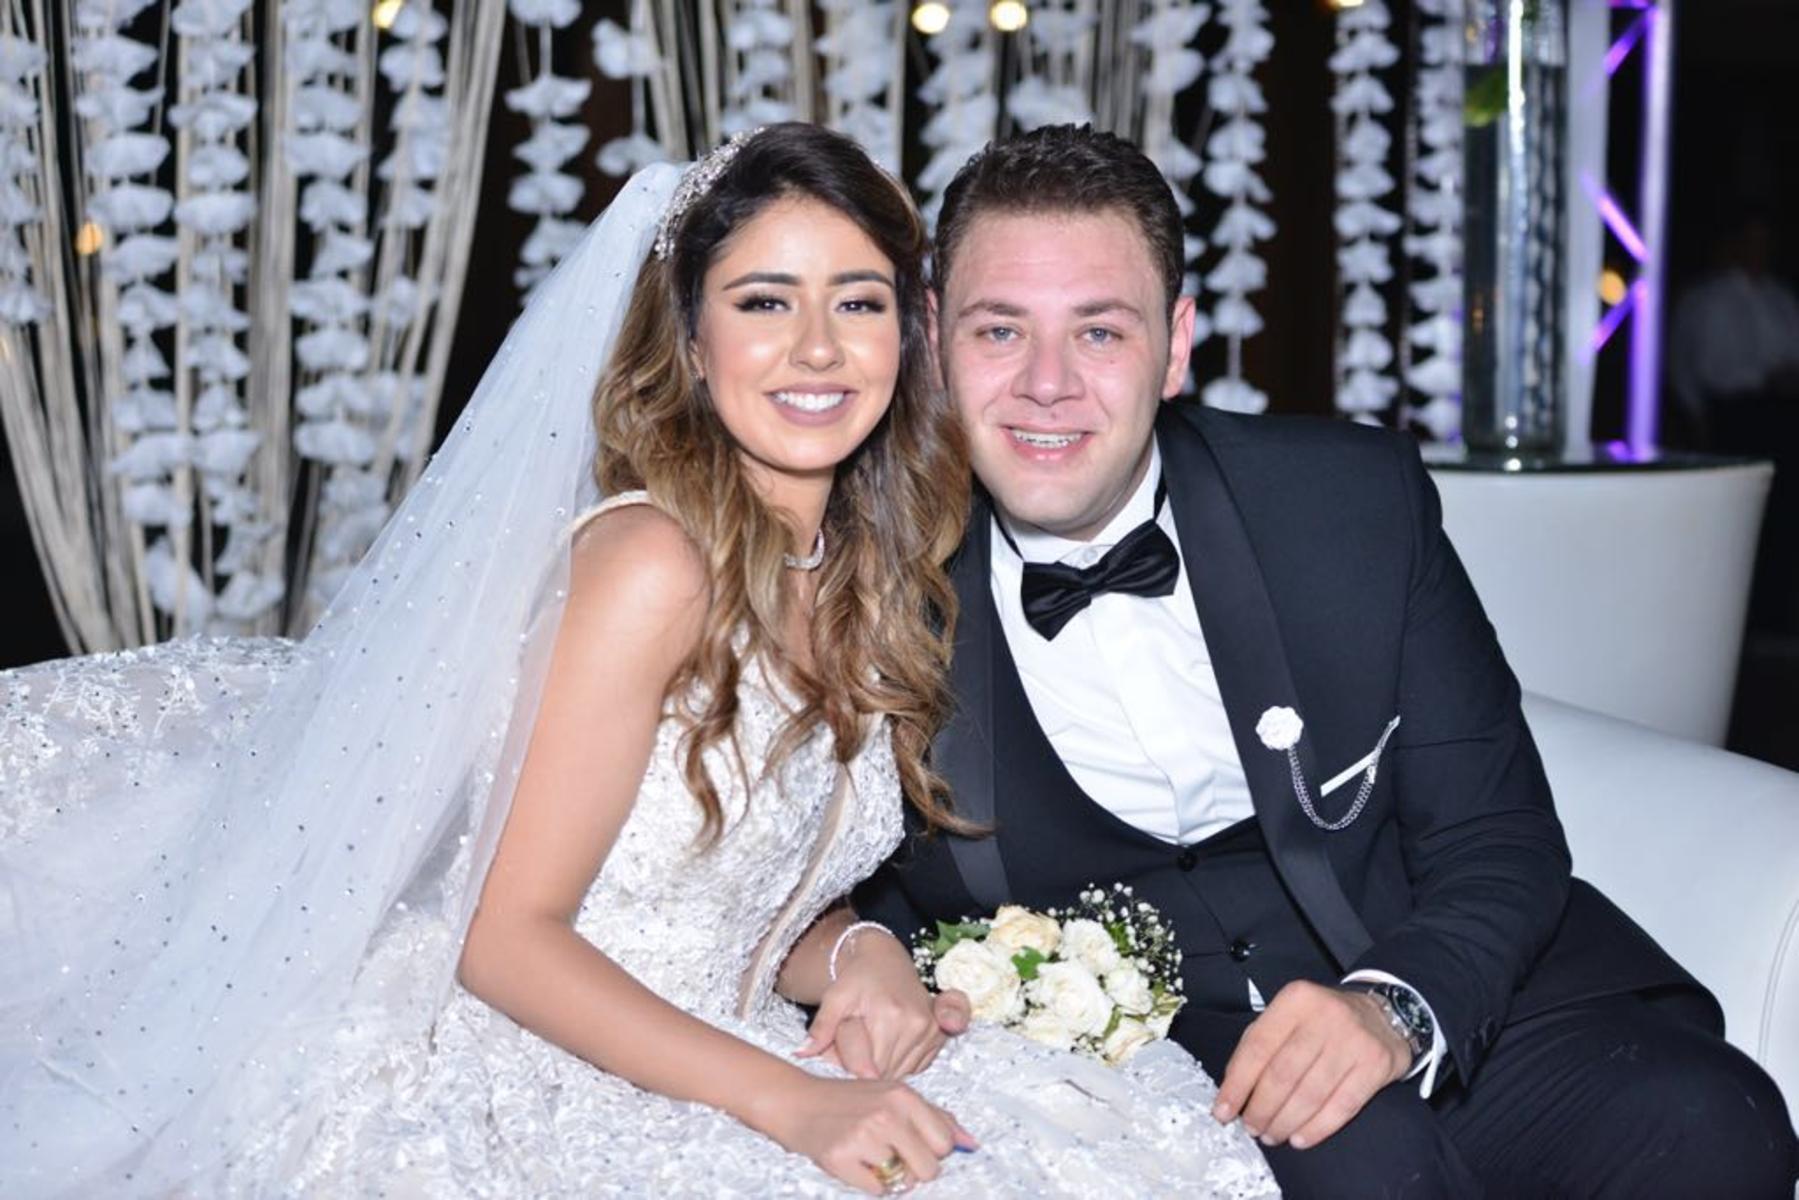 محمد علي رزق صور زفاف المشاهير والفنانين